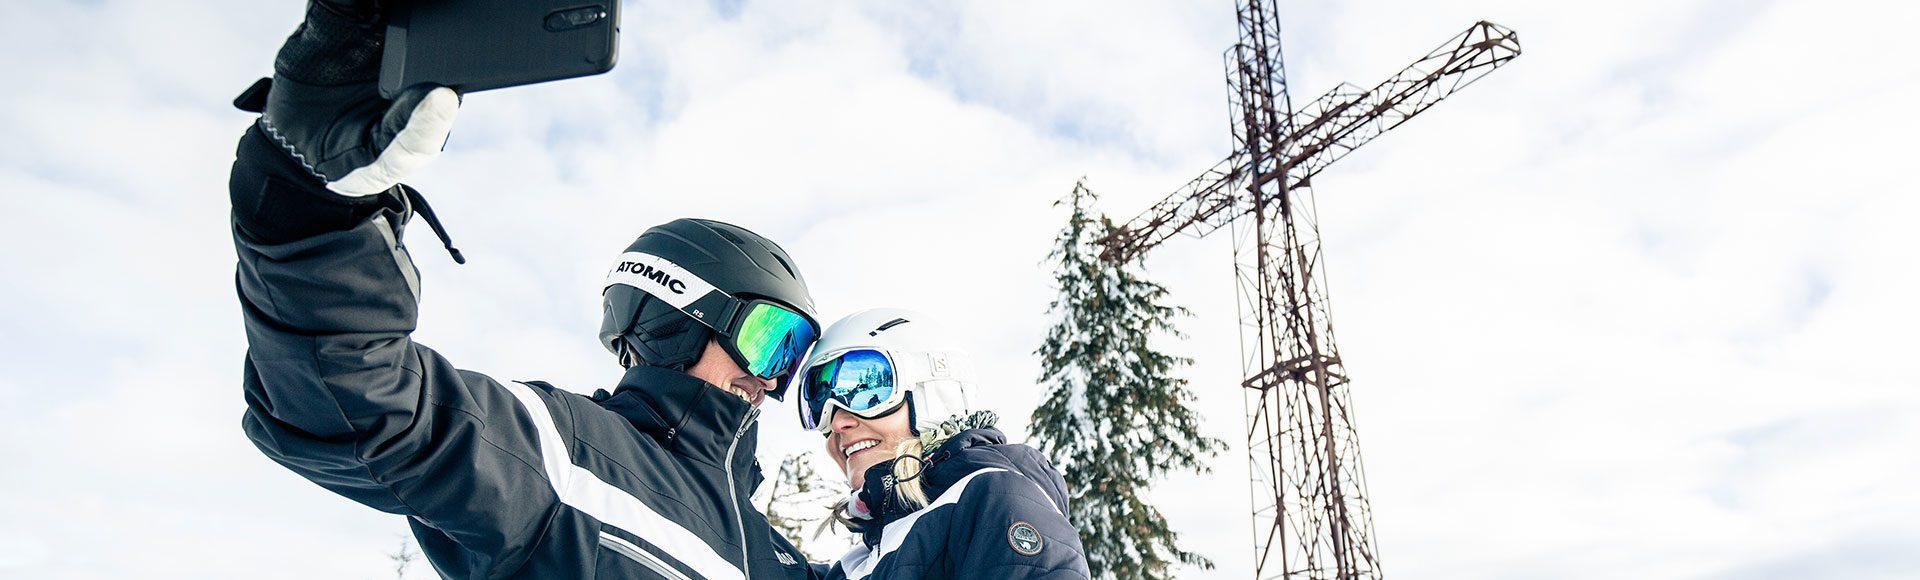 Selfie Skifahren Radstadt Tourismusverband Radstadt Markus Rohrbacher 1